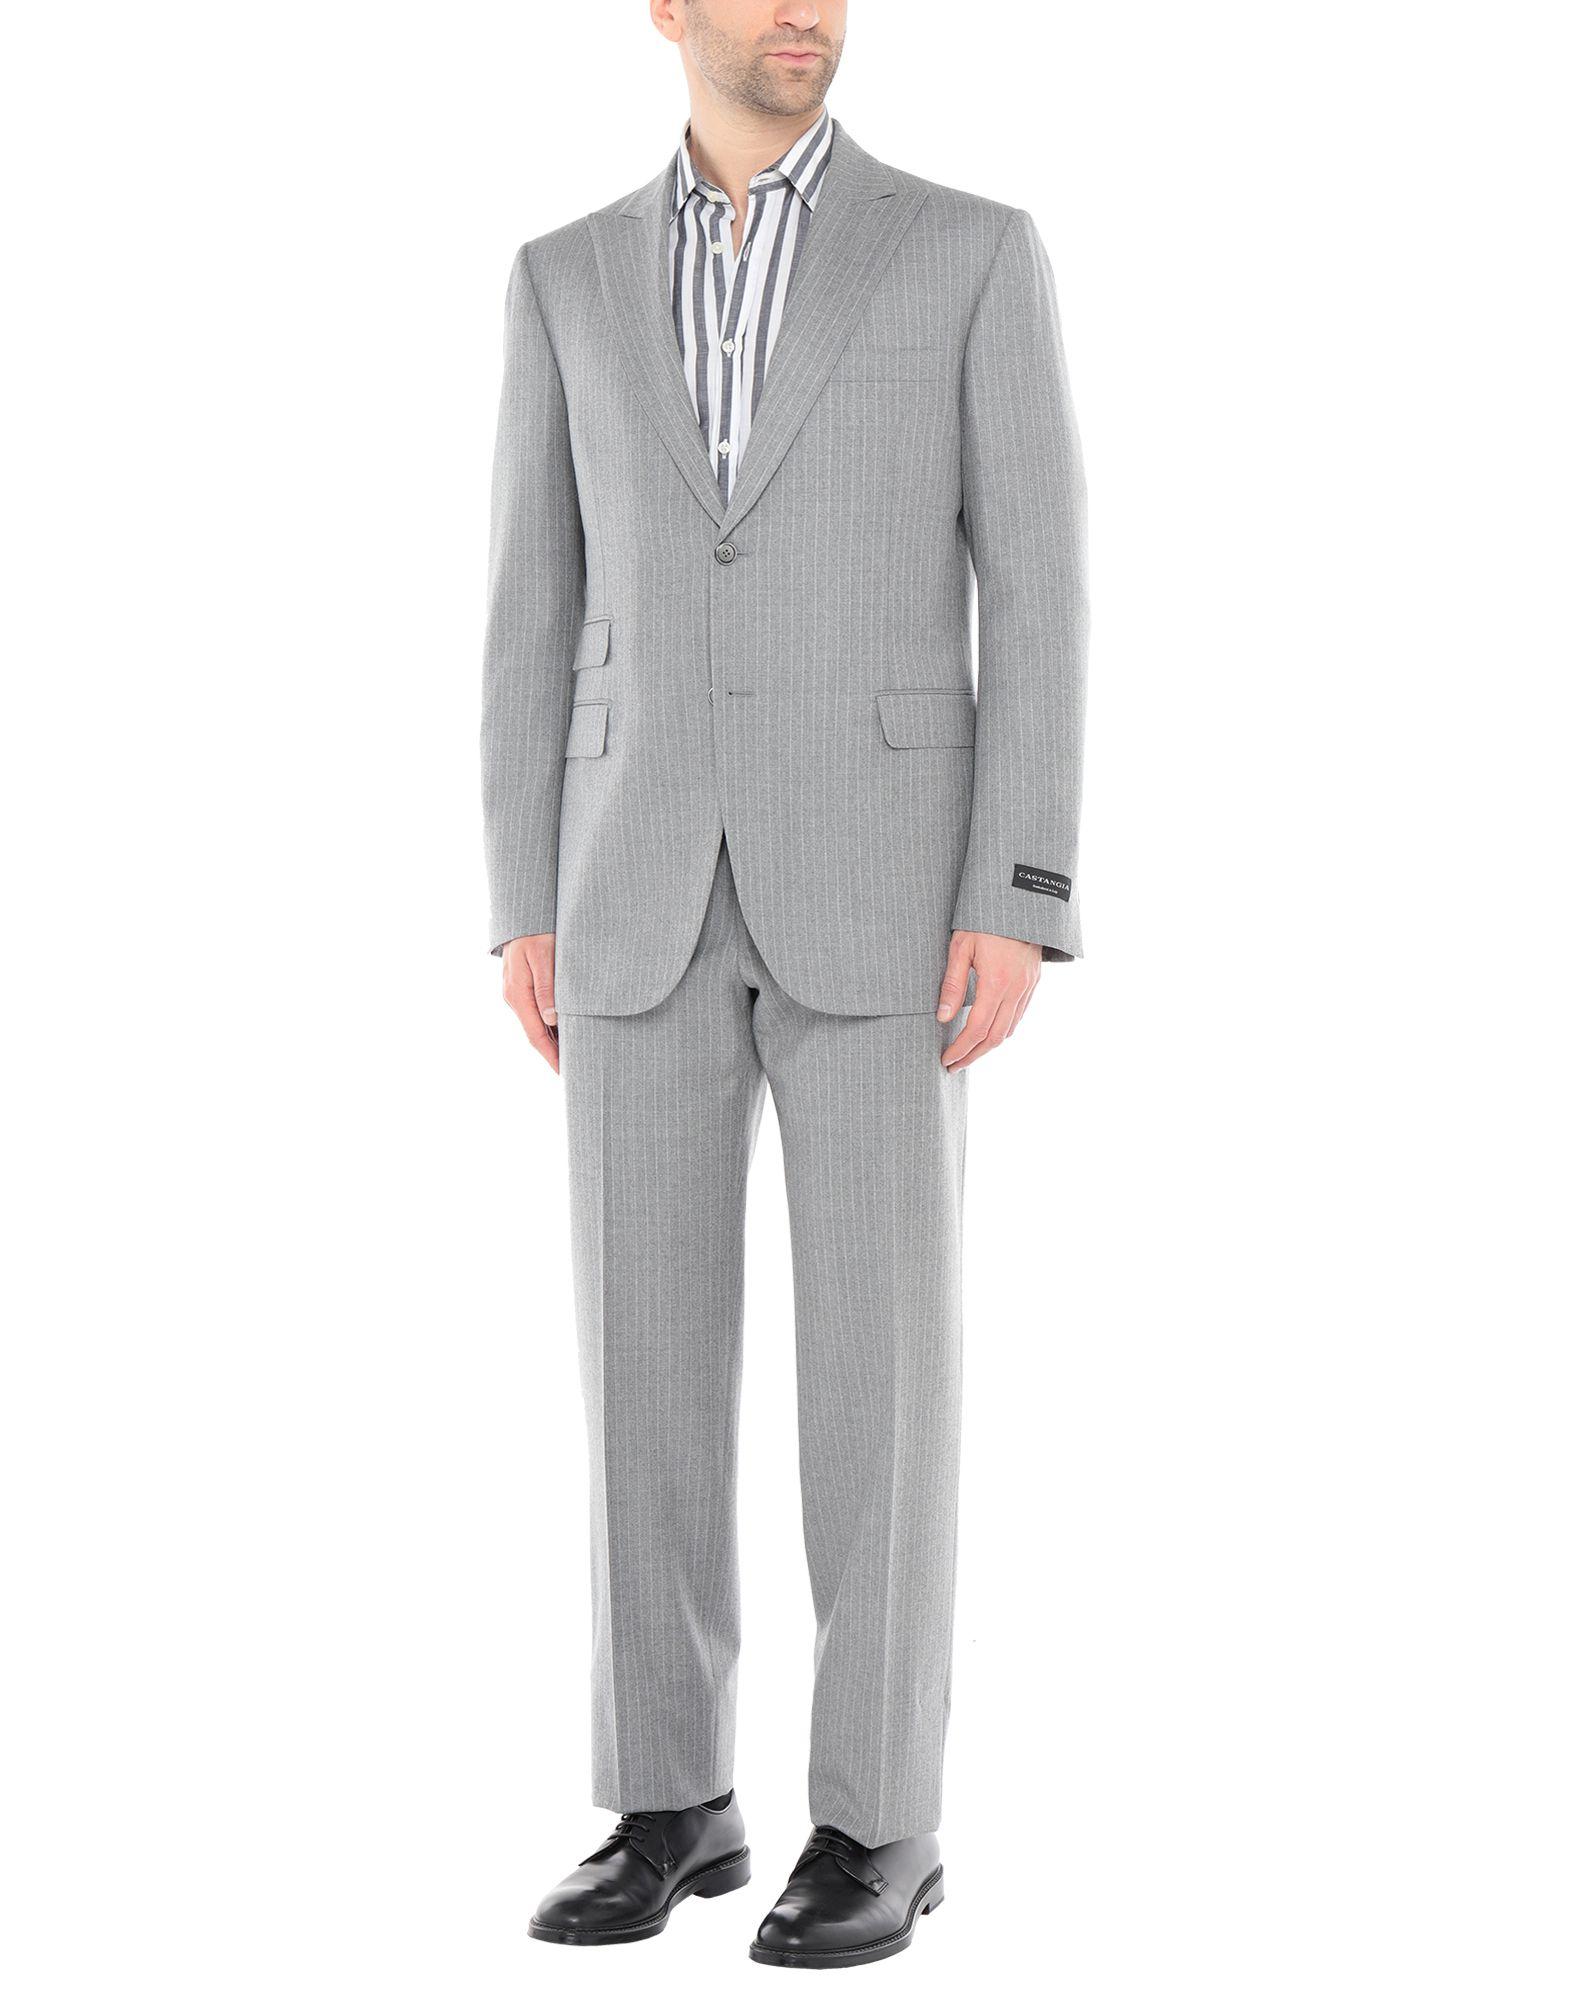 《送料無料》SARTORIA CASTANGIA メンズ スーツ グレー 52 ウール 100%